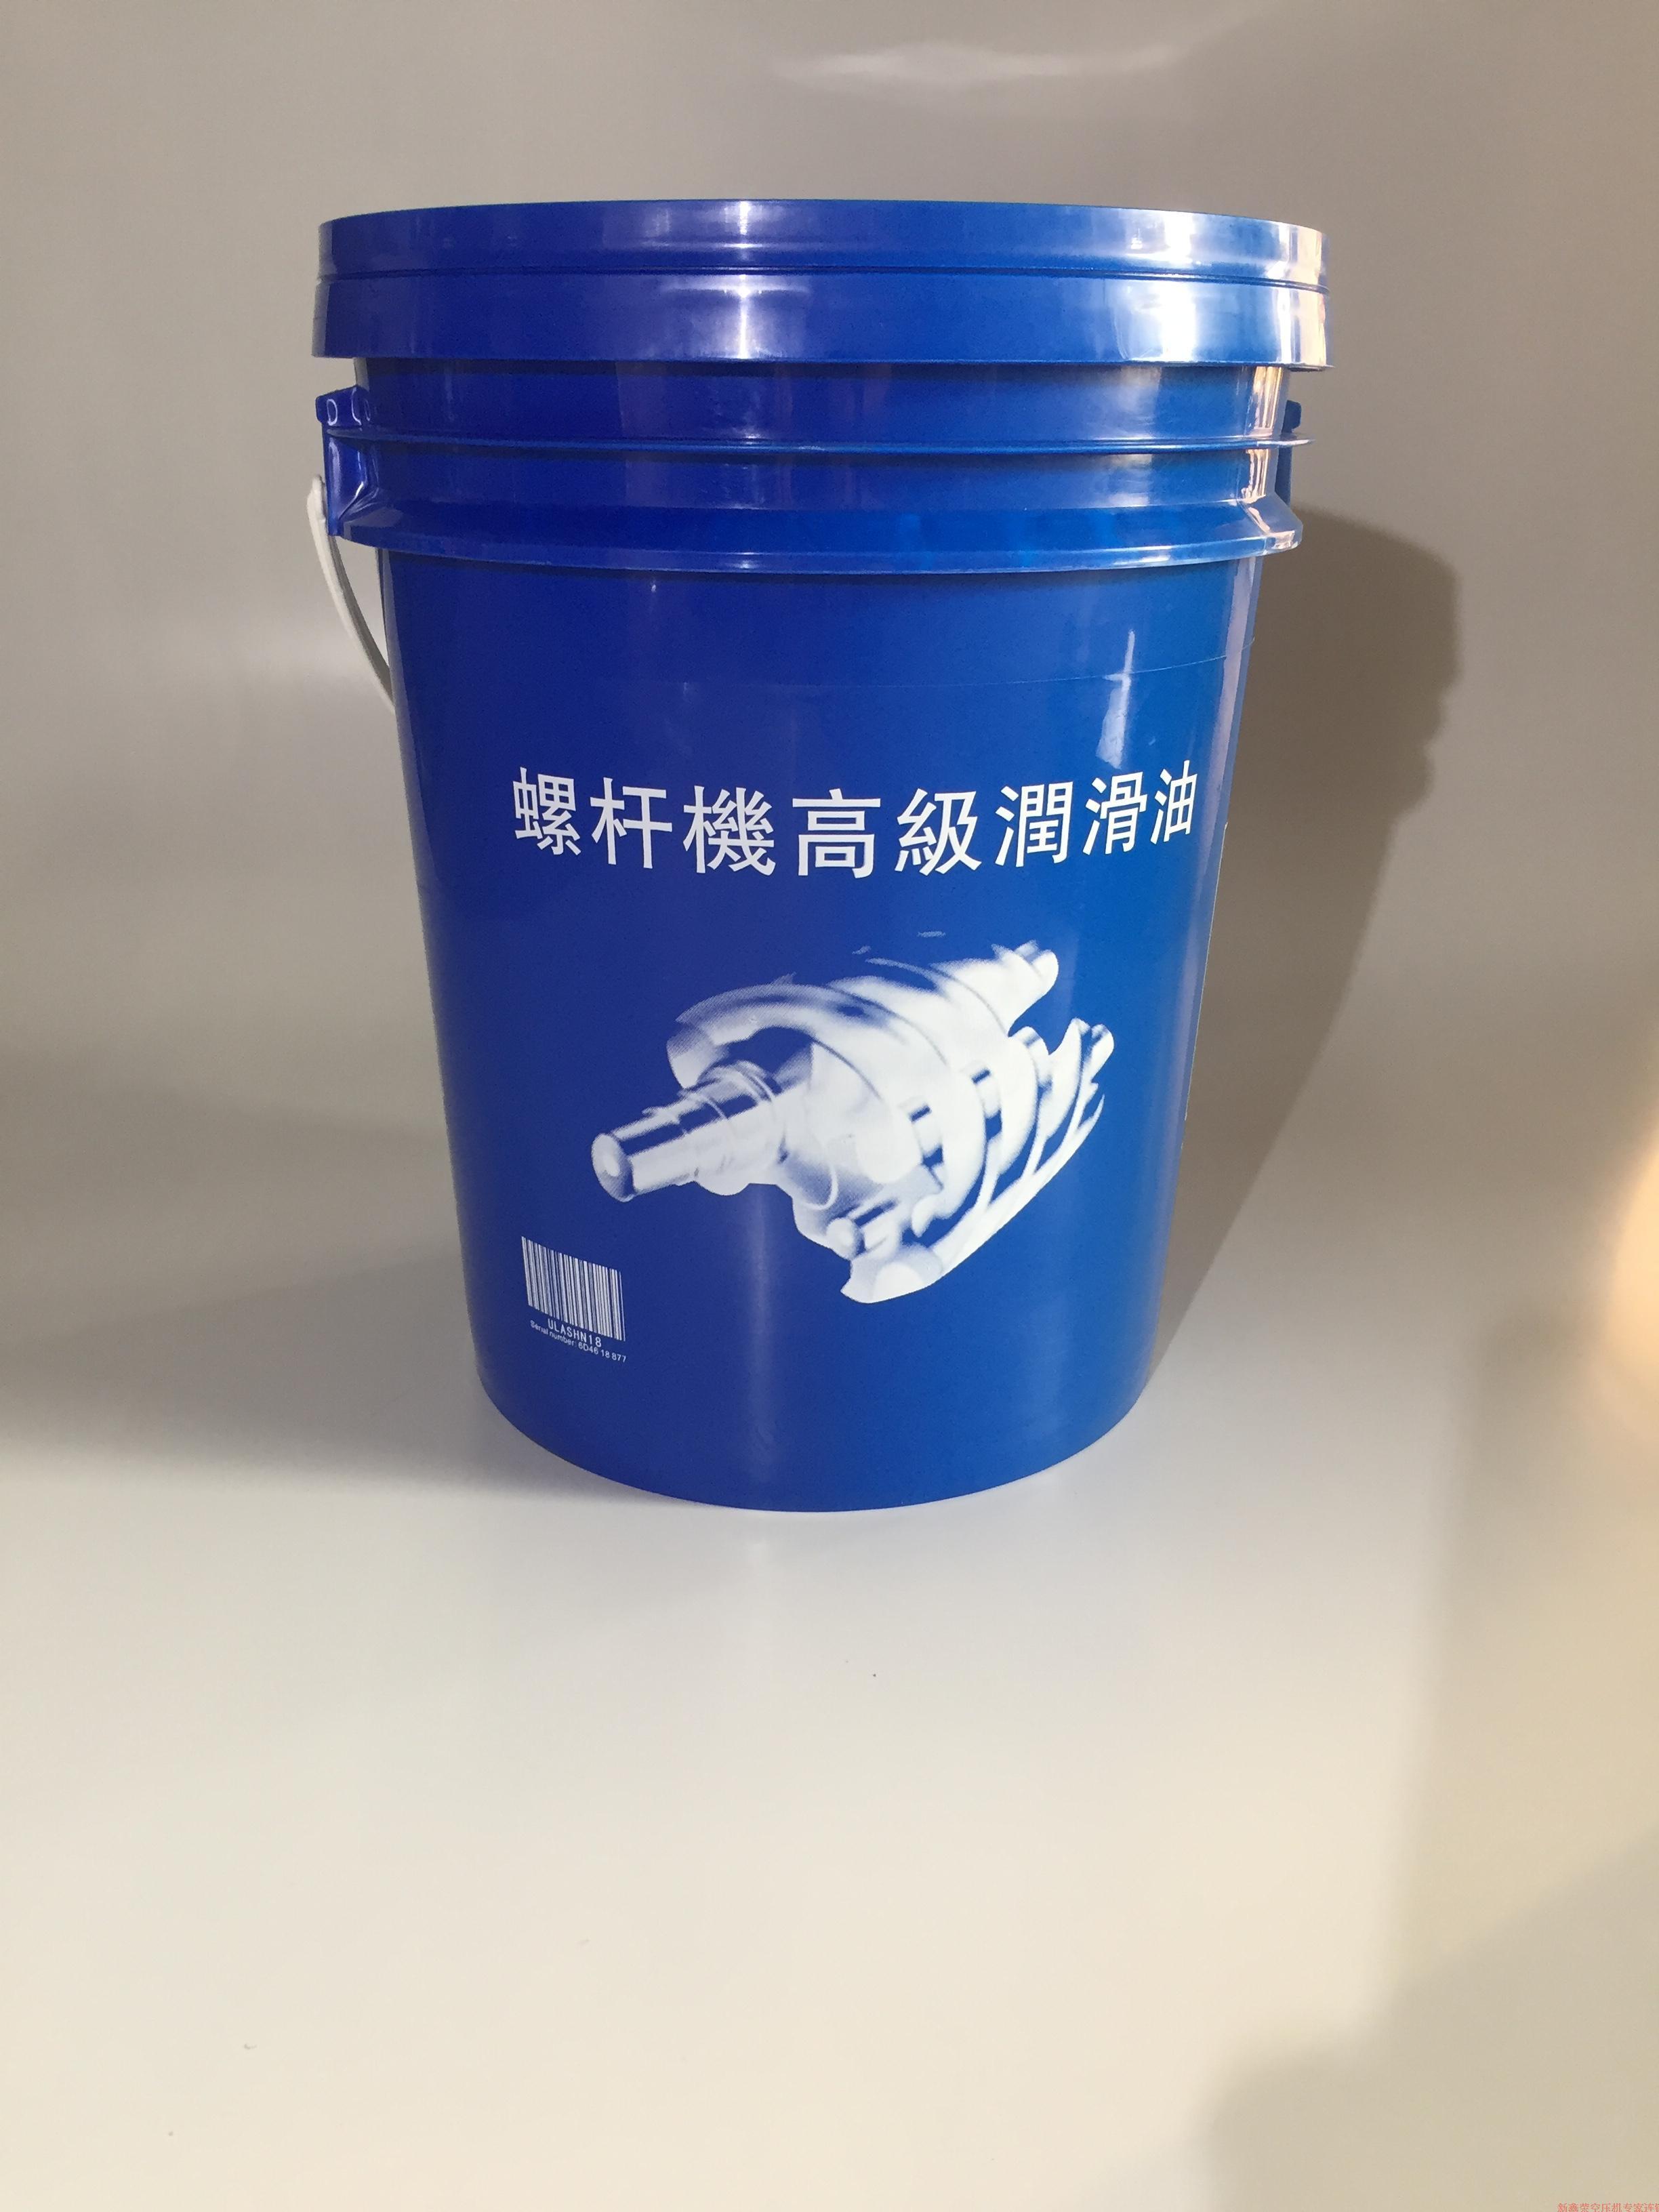 Расширенные винт масла компрессора охлаждающей жидкости смазки 18l импортированных воздуха компрессор масло